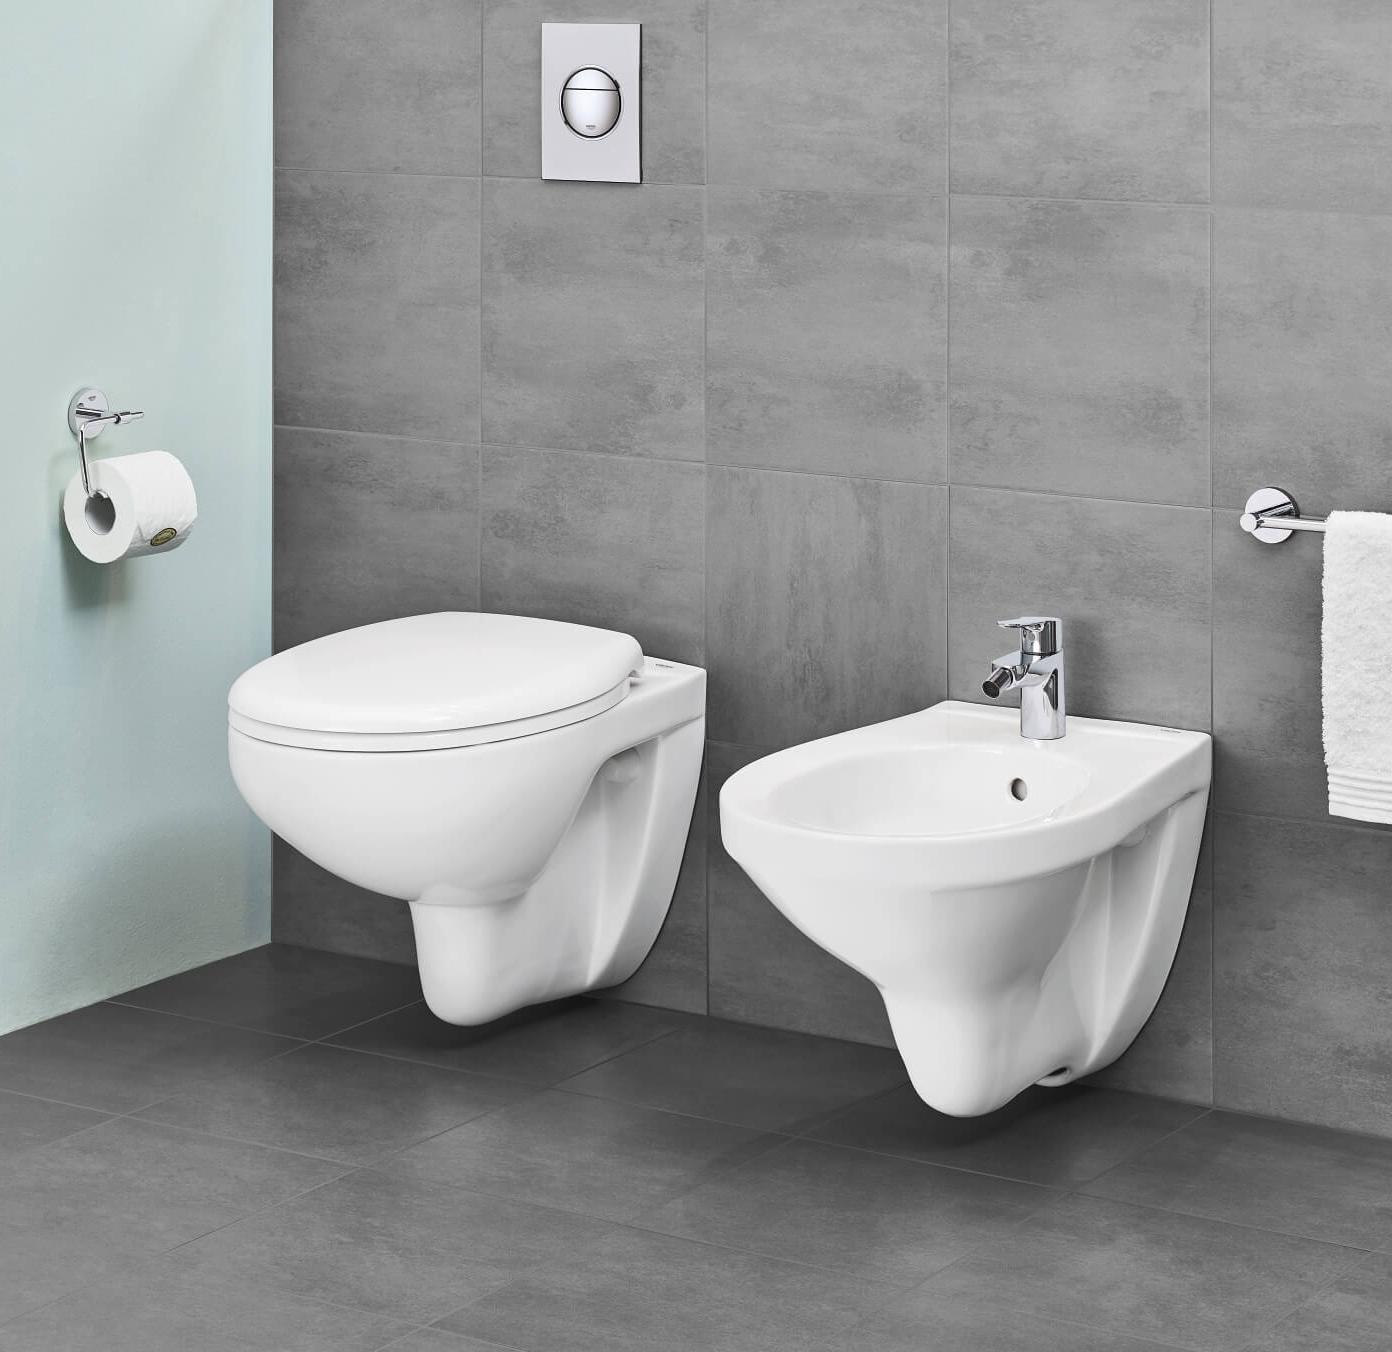 vas-toaleta-suspendat-grohe-bau-ambient-10668-4092.jpg